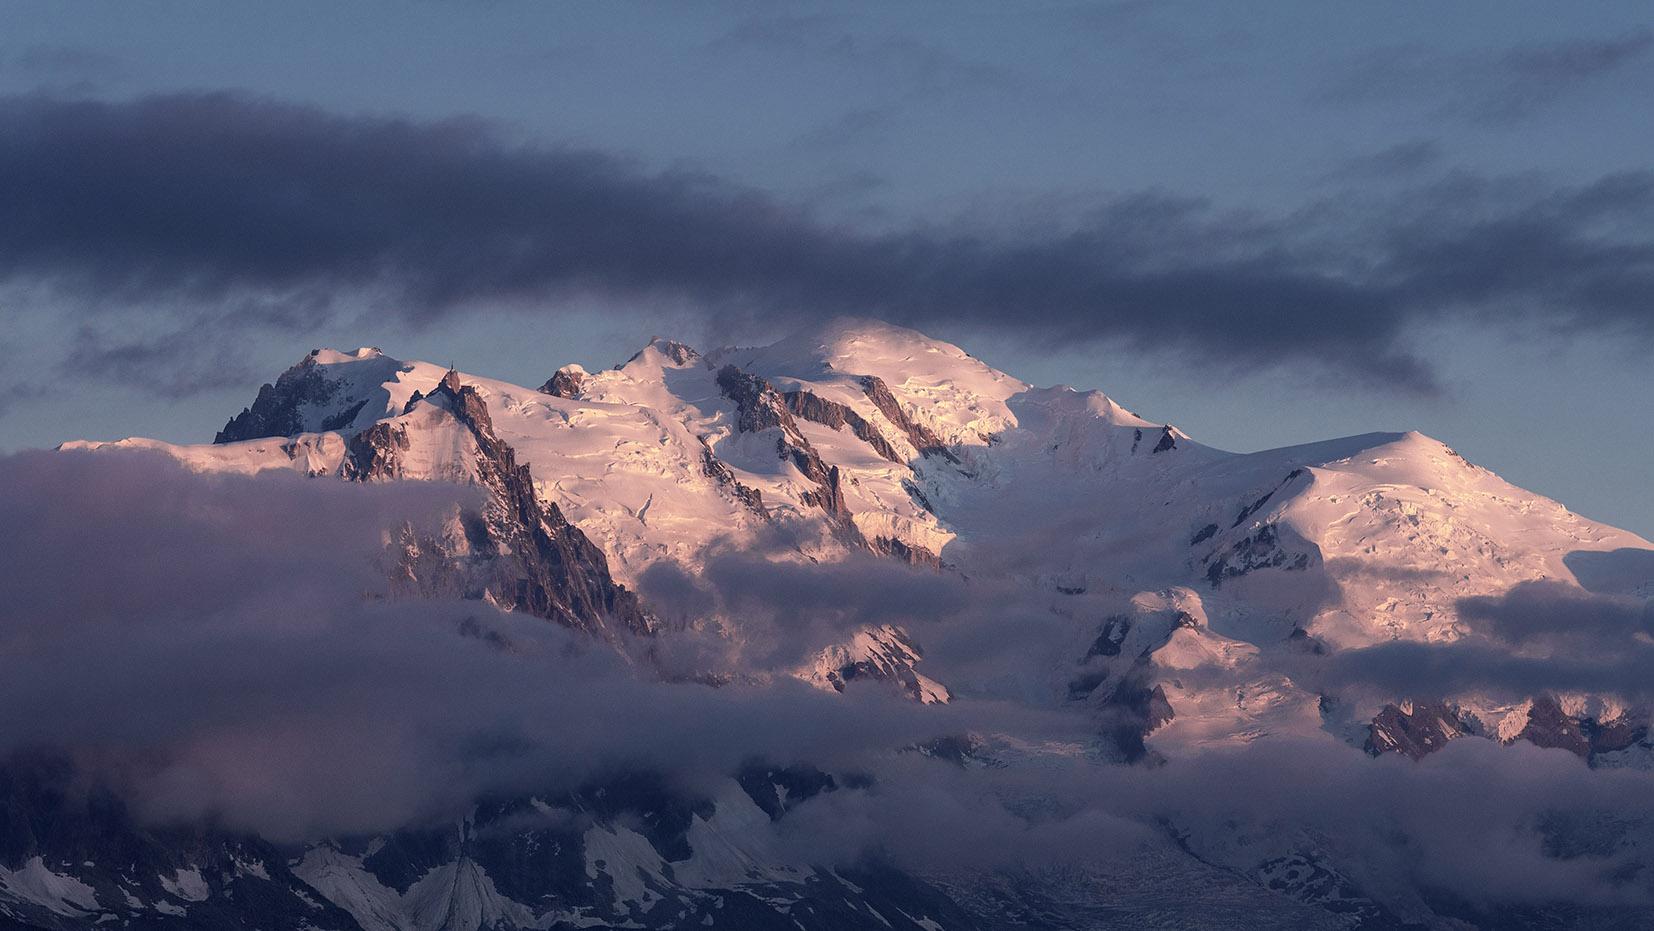 Mont Blanc aiguille du Midi aiguille du Goûter coucher de soleil neige nuages ciel